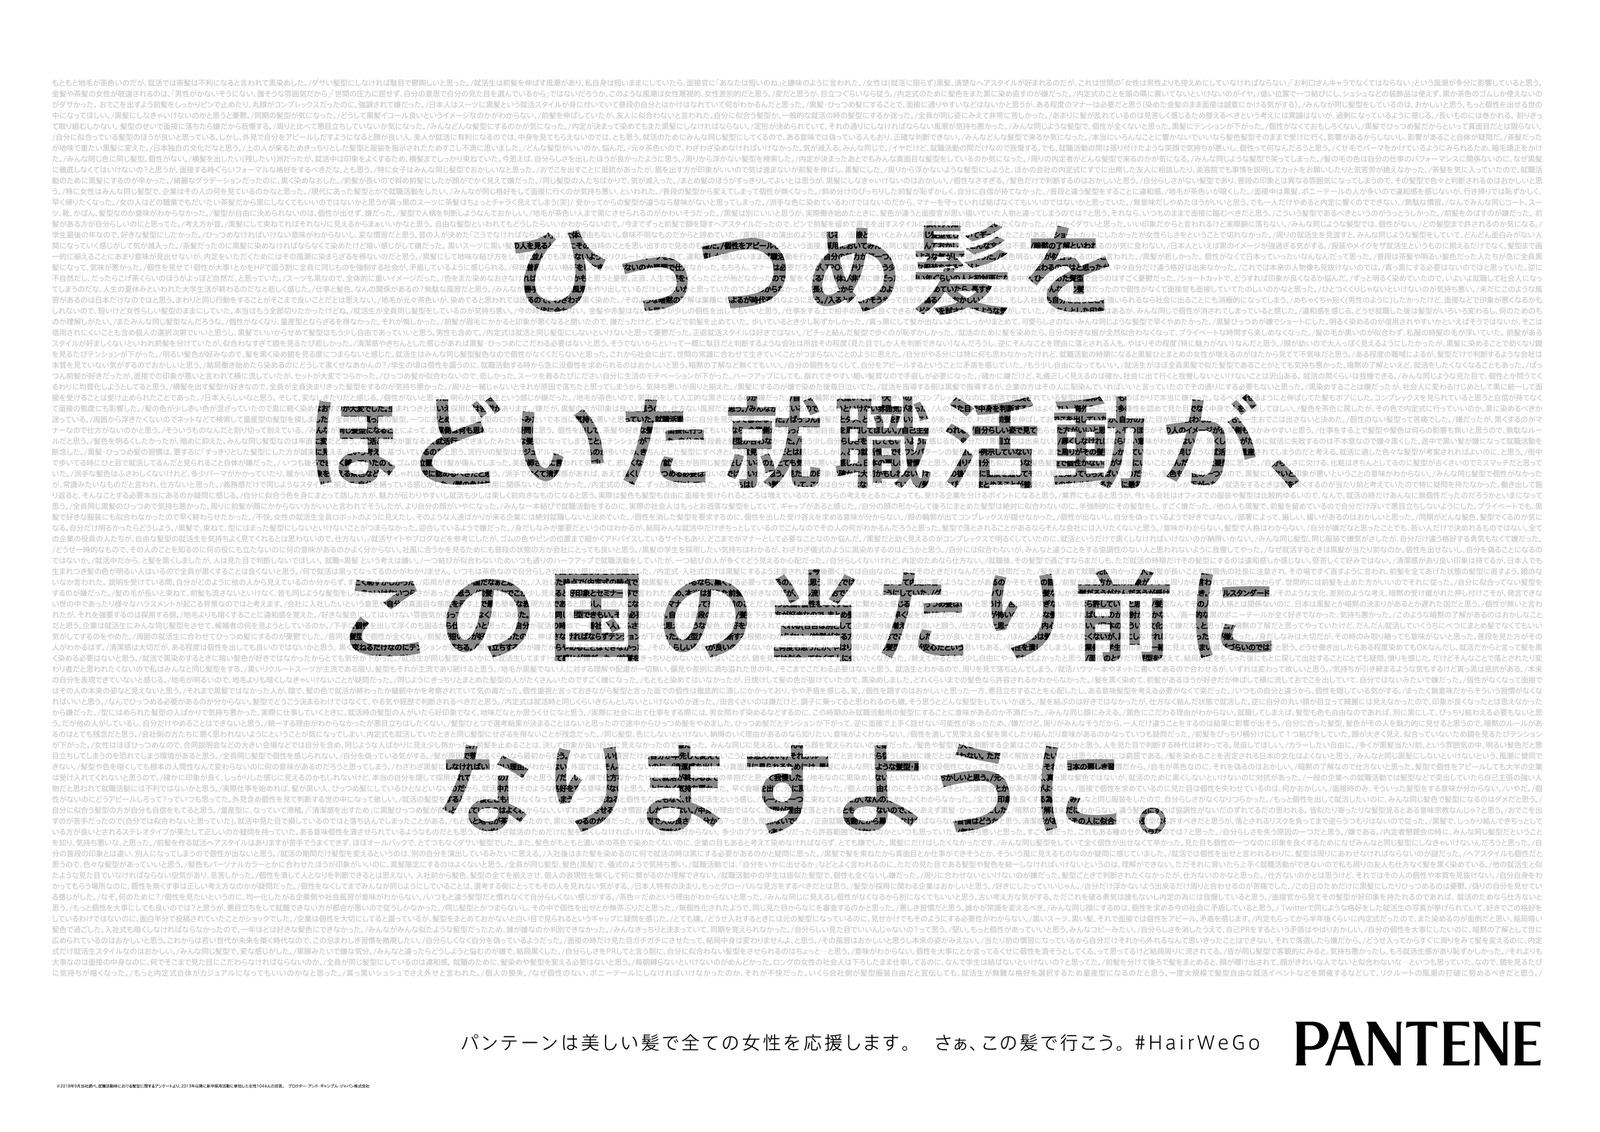 pantene-12